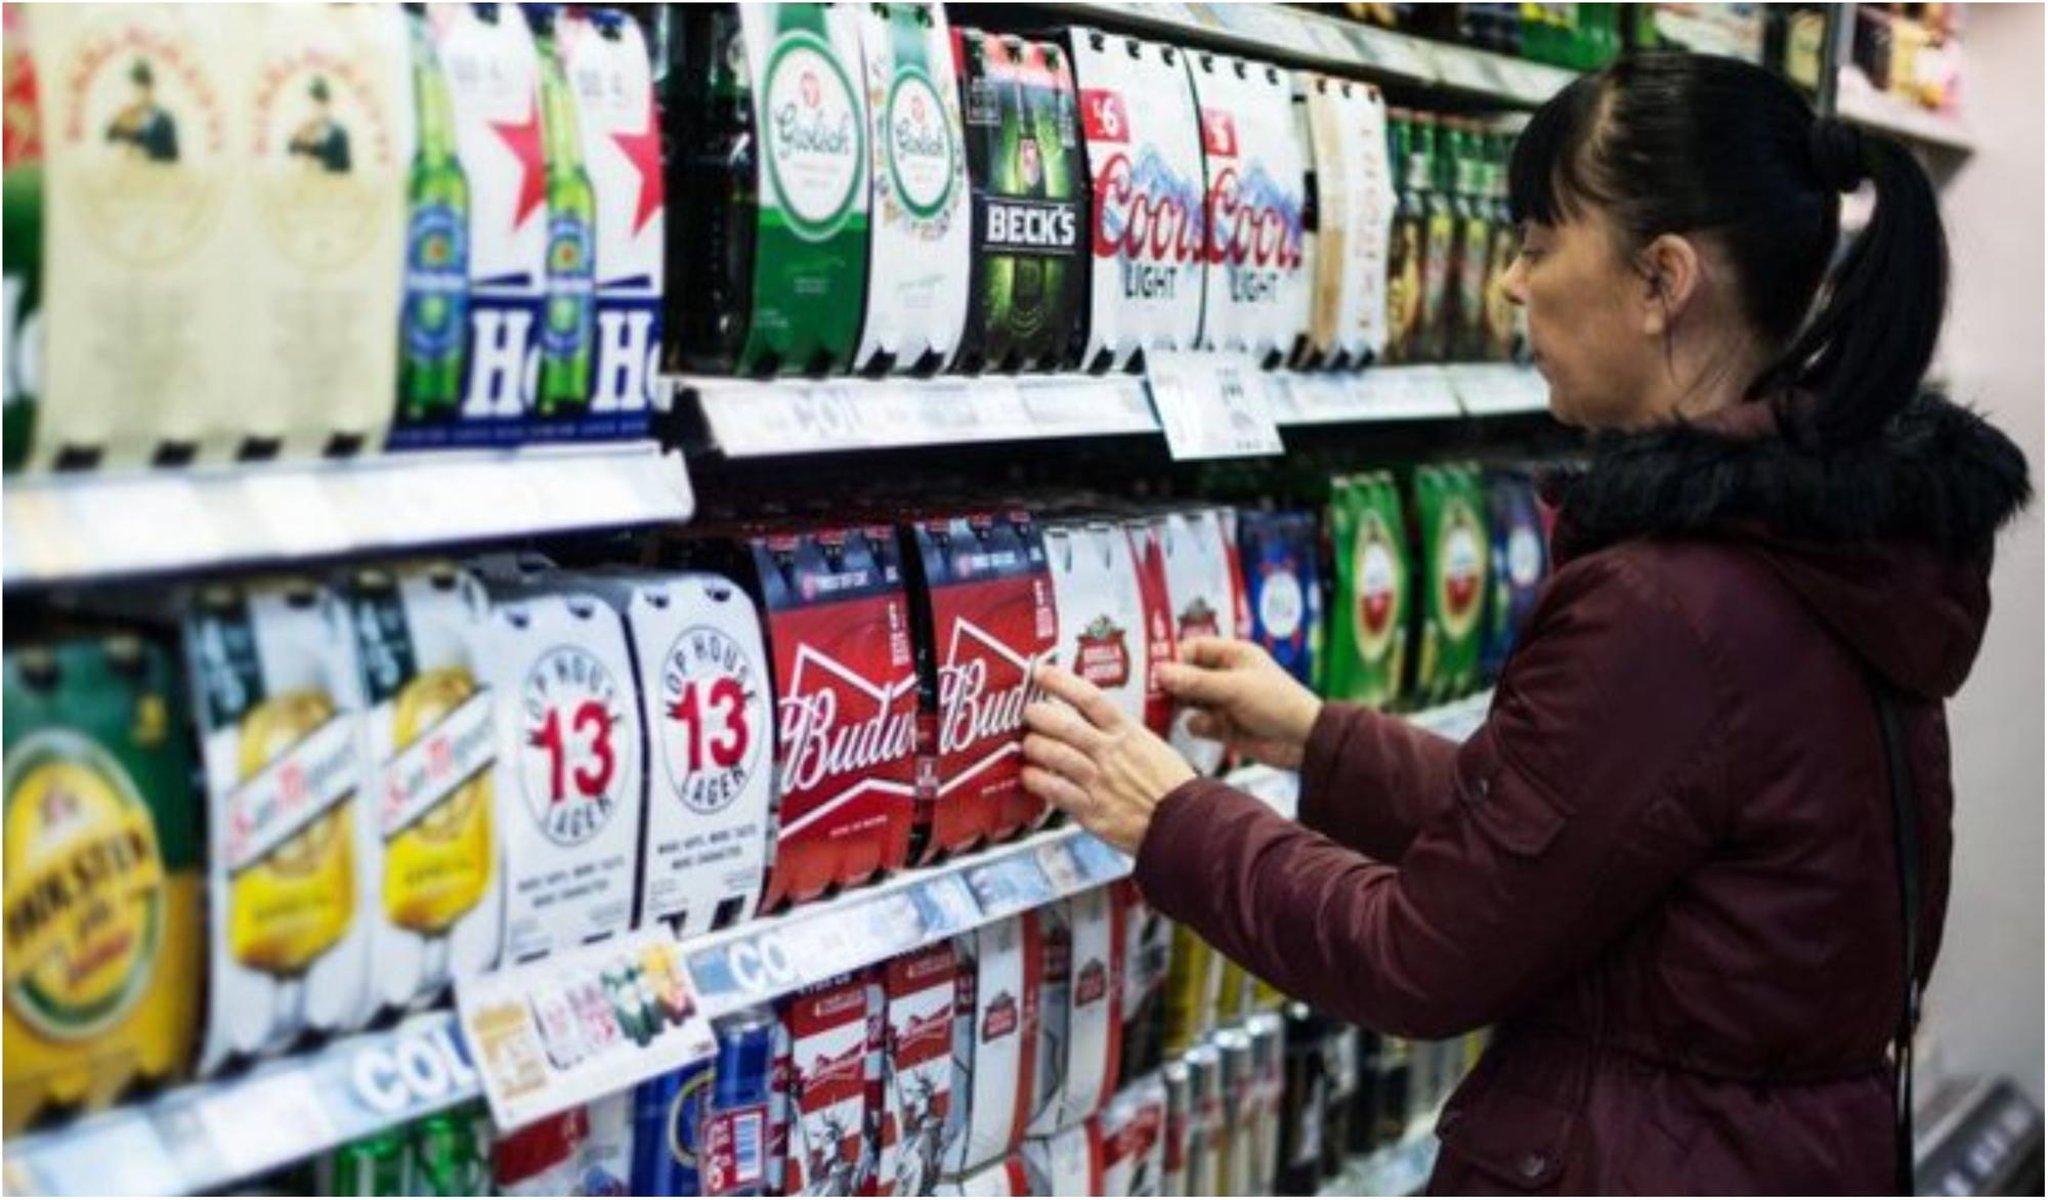 Harga alkohol minimum berdampak kecil pada tingkat kejahatan terkait minuman di Skotlandia, temuan penelitian